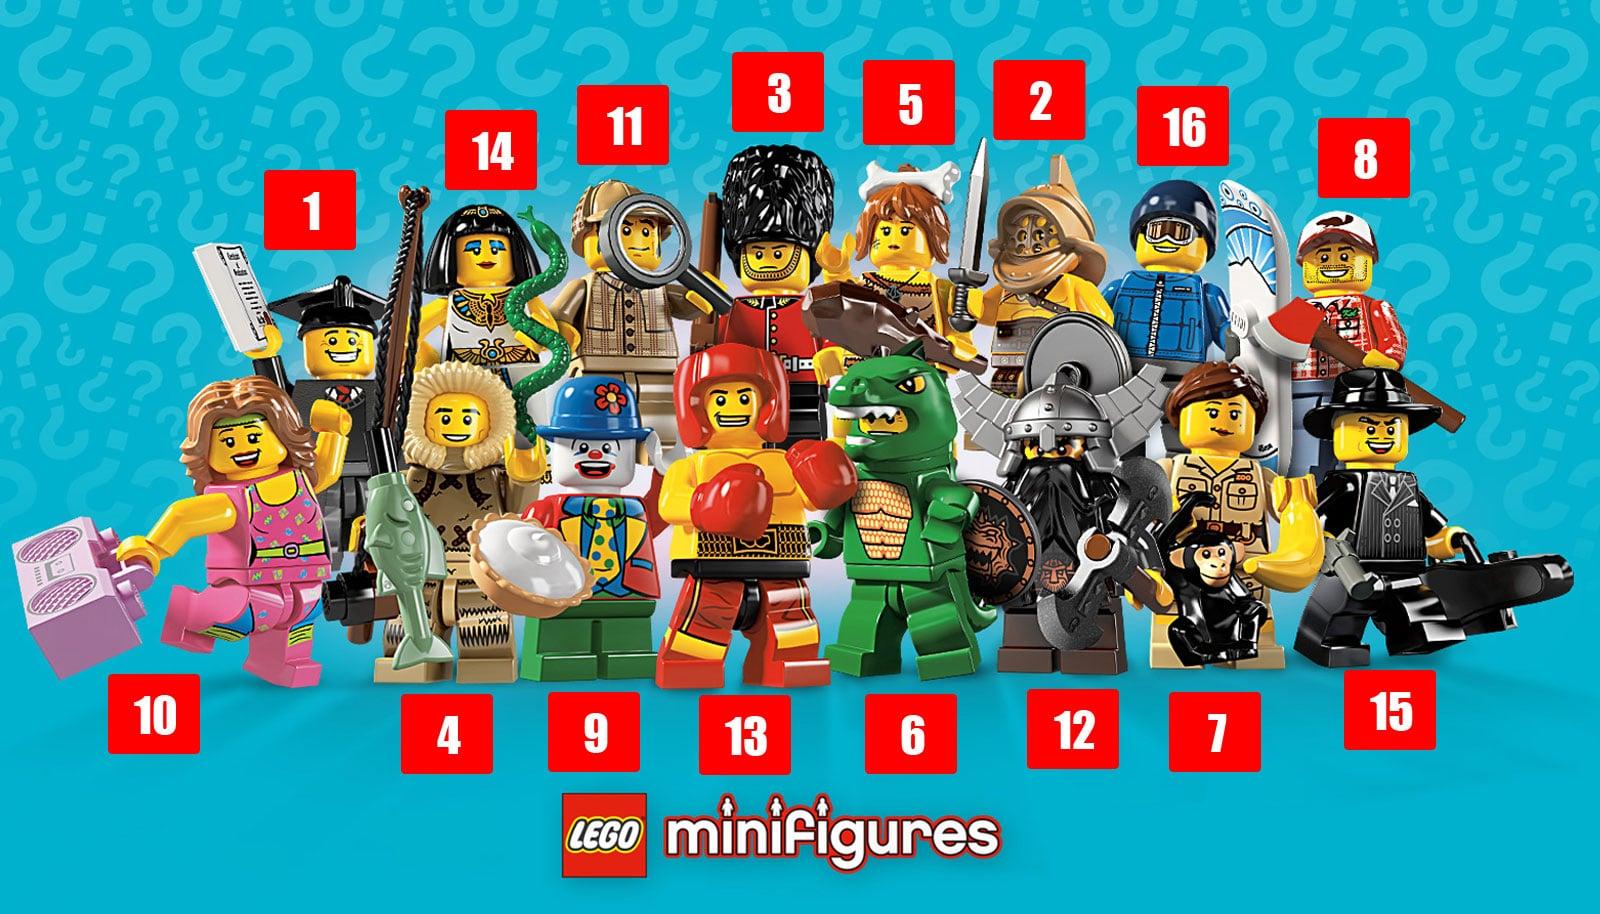 Ultime Pour Identifier Guide Figurines 5Le Les Série Lego Yfgy76vb